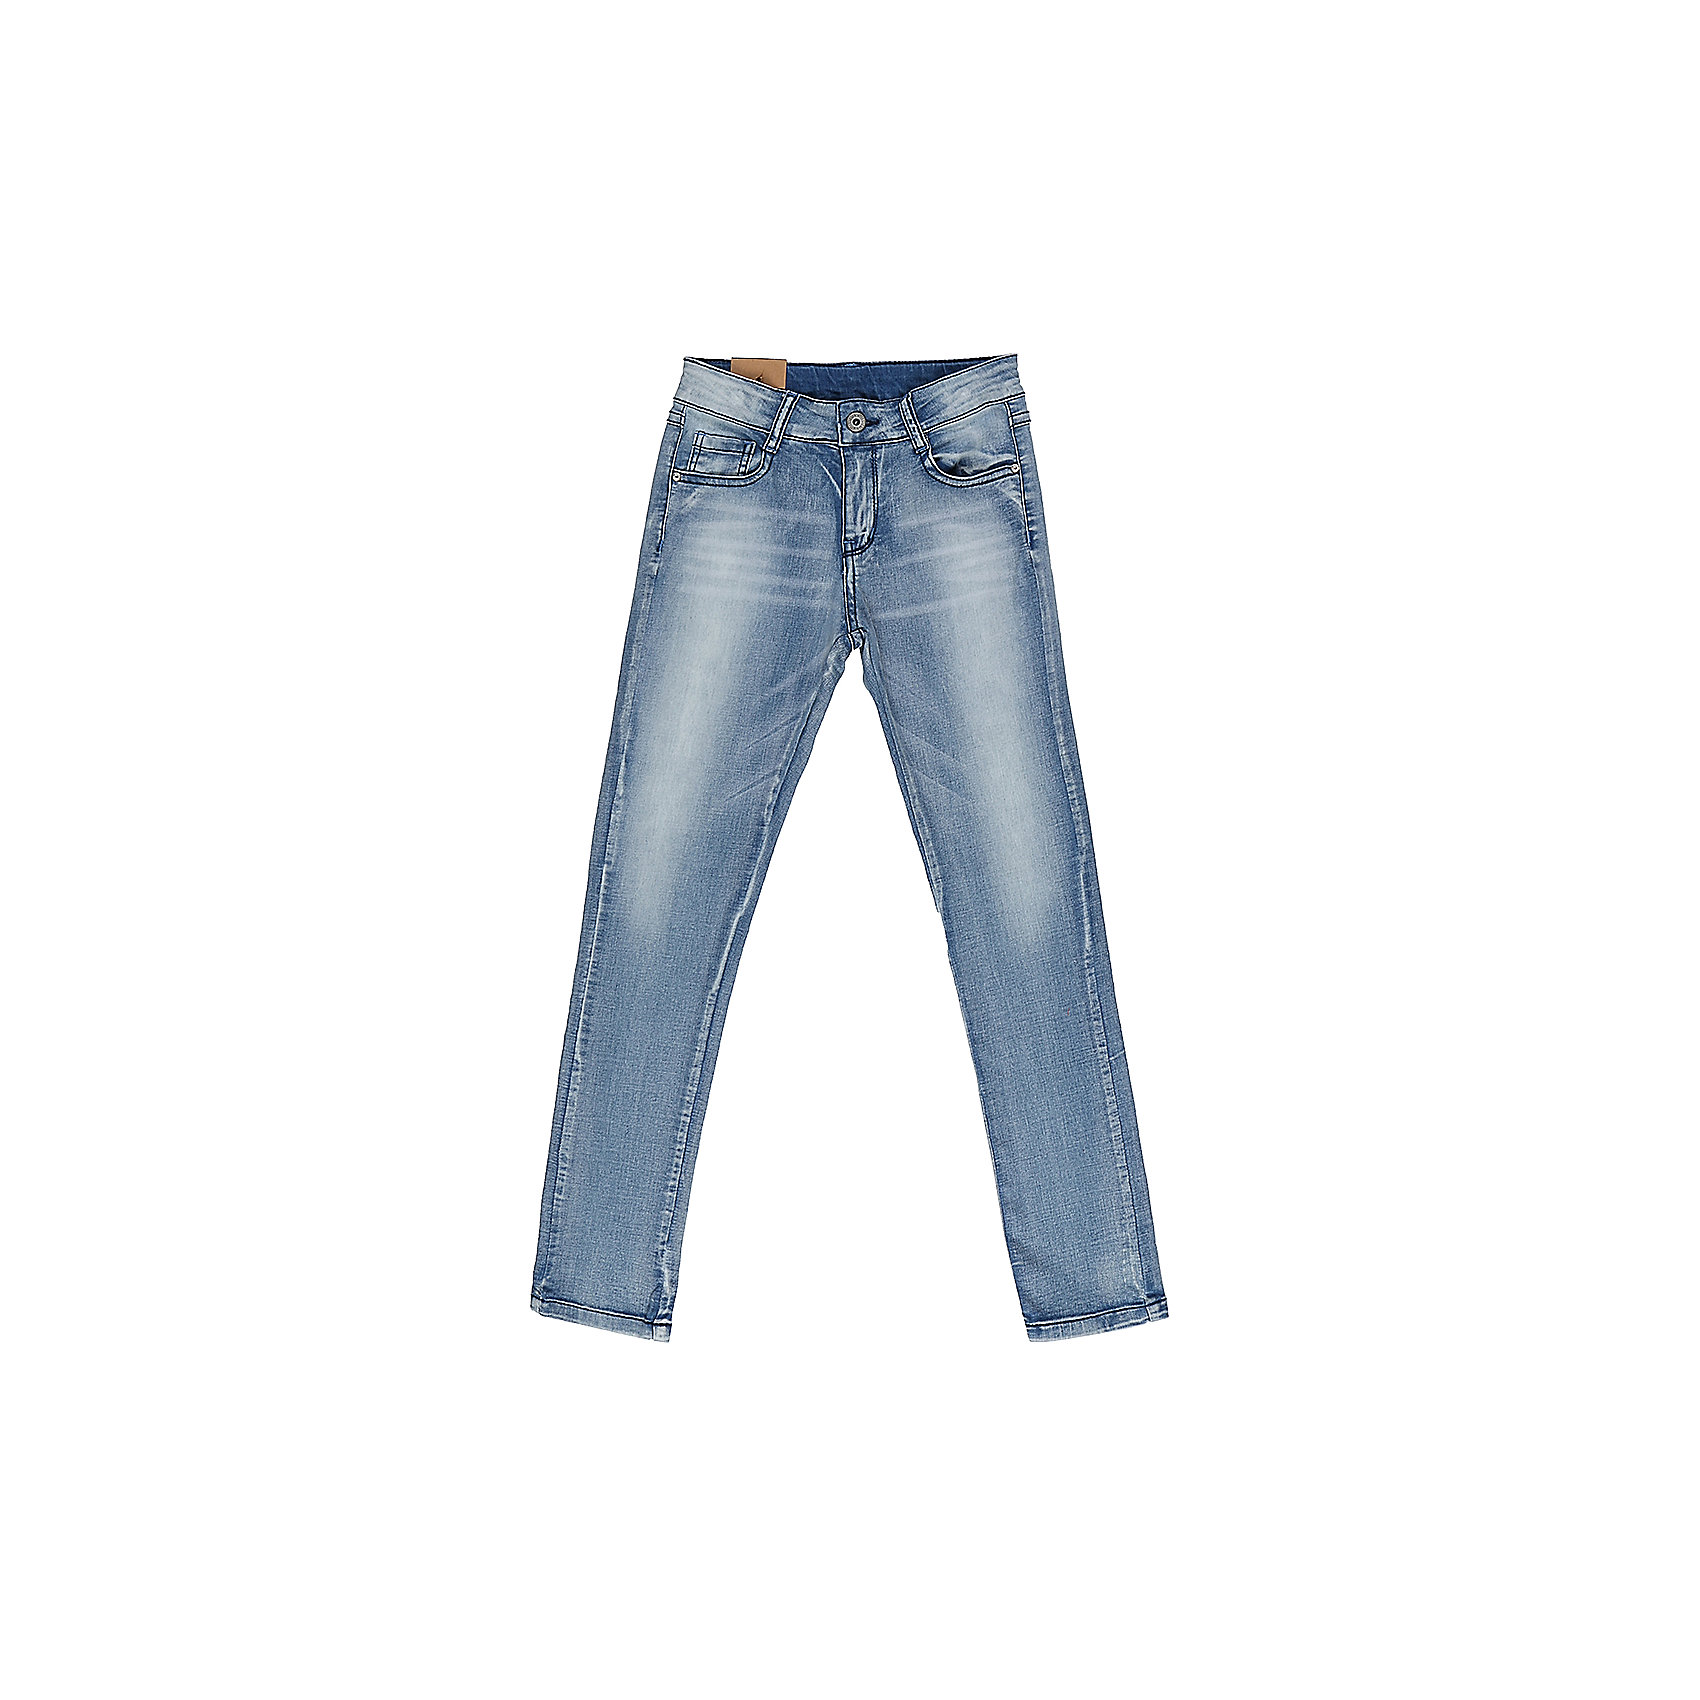 Джинсы для девочки LuminosoДжинсовая одежда<br>Джинсы  для девочки с оригинальной варкой. Имеют зауженный крой, среднюю посадку. Застегиваются на молнию и пуговицу. Шлевки на поясе рассчитаны под ремень. В боковой части пояса находятся вшитые эластичные ленты, регулирующие посадку по талии.<br>Состав:<br>98%хлопок 2%эластан<br><br>Ширина мм: 215<br>Глубина мм: 88<br>Высота мм: 191<br>Вес г: 336<br>Цвет: синий<br>Возраст от месяцев: 108<br>Возраст до месяцев: 120<br>Пол: Женский<br>Возраст: Детский<br>Размер: 140,146,152,158,164,134<br>SKU: 5413207